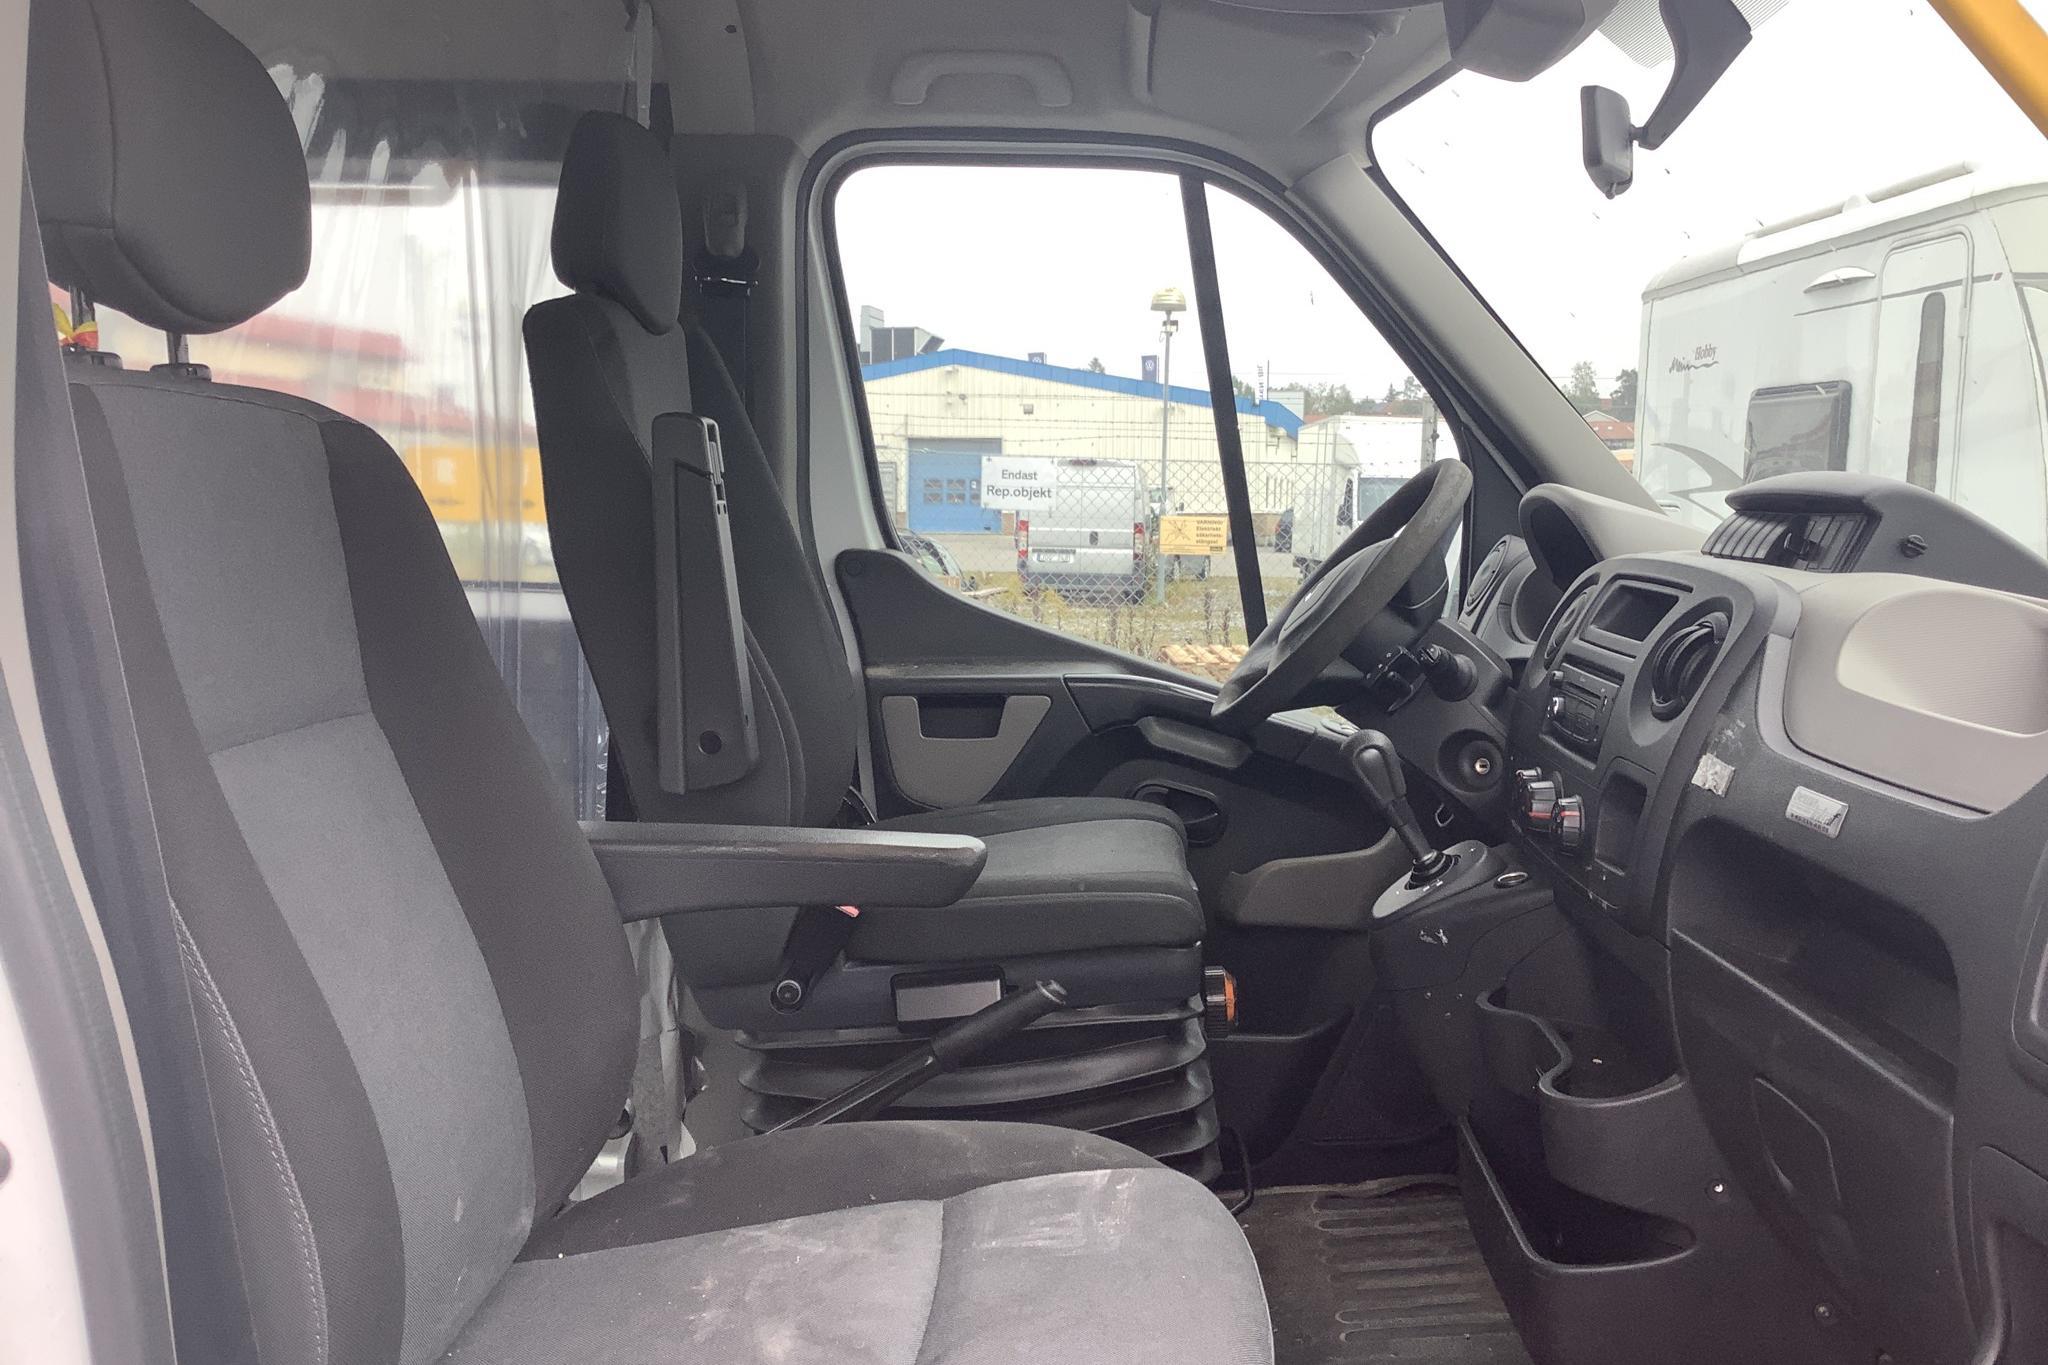 Renault Master MPV 2.3 dCi (125hk) - 46 000 mil - Automat - vit - 2014